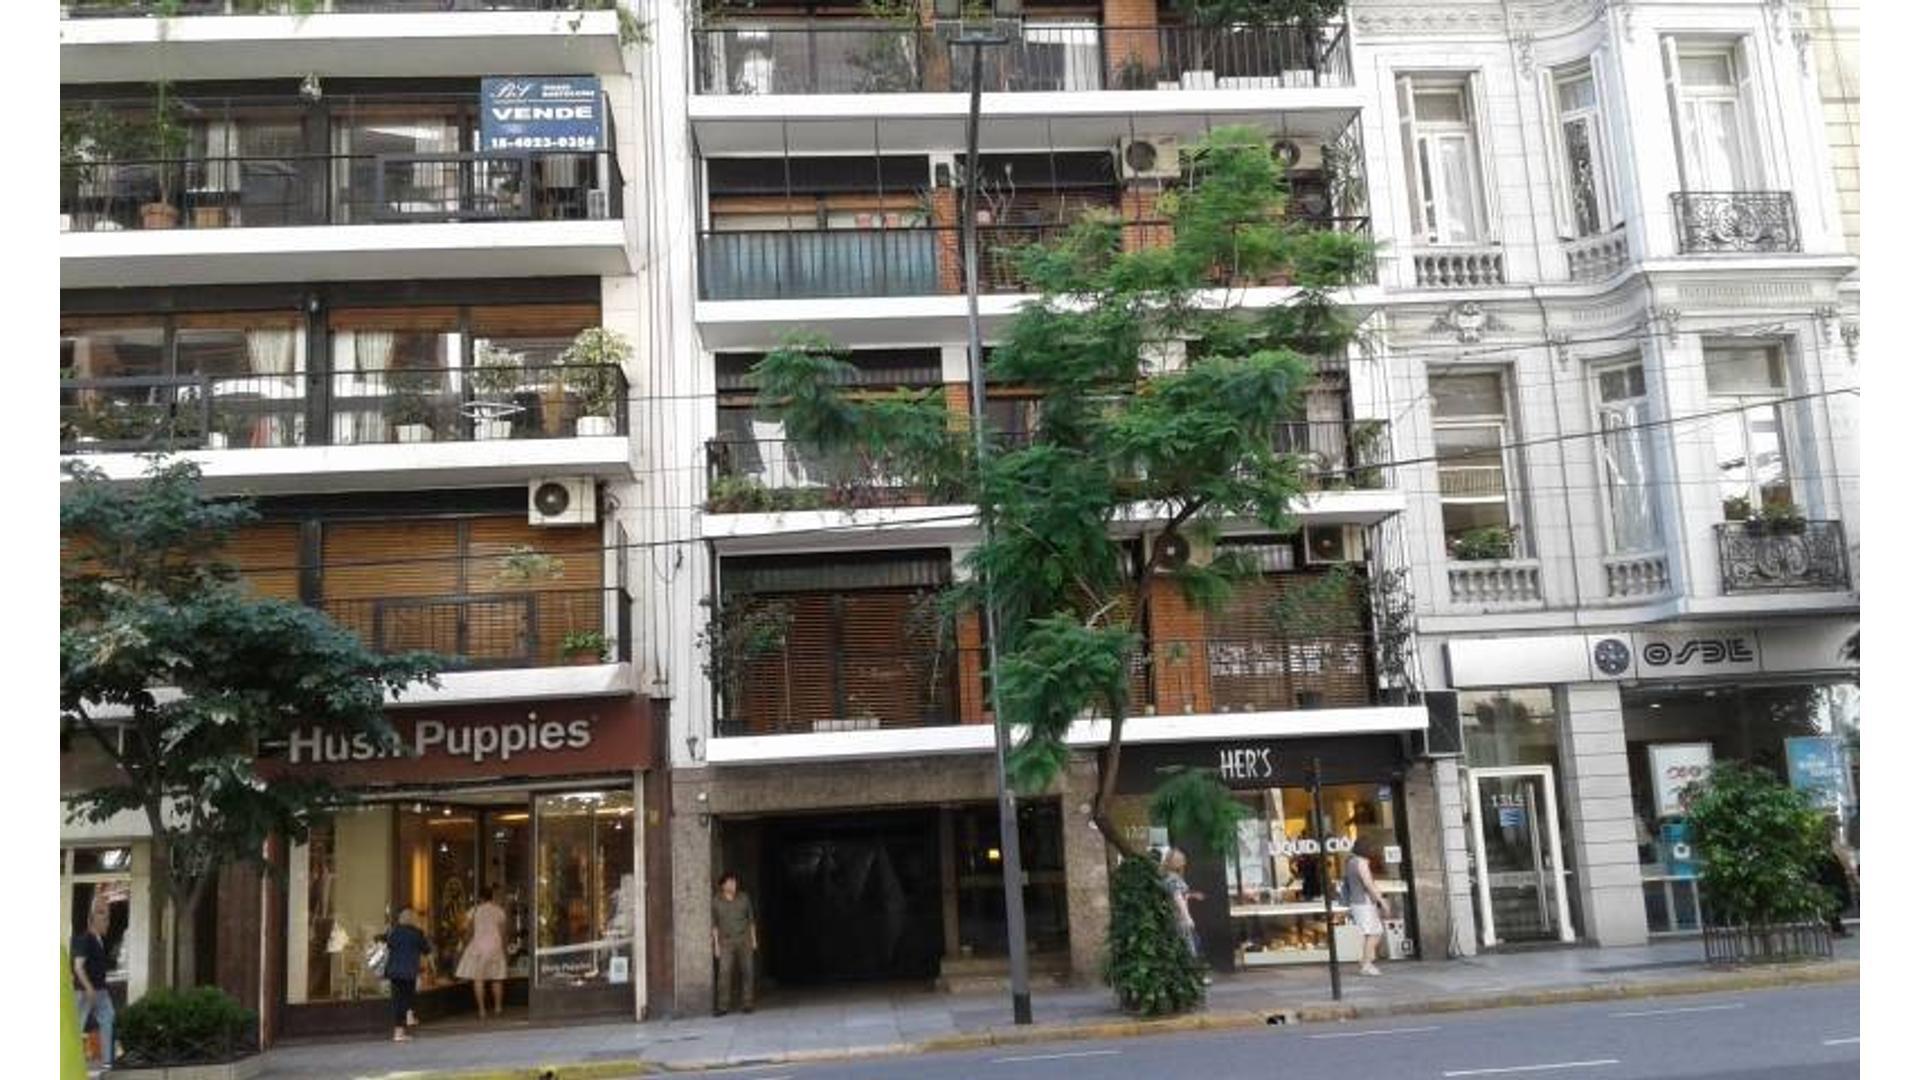 3 amb balcon a metros Av Santa Fe en Barrio Norte.